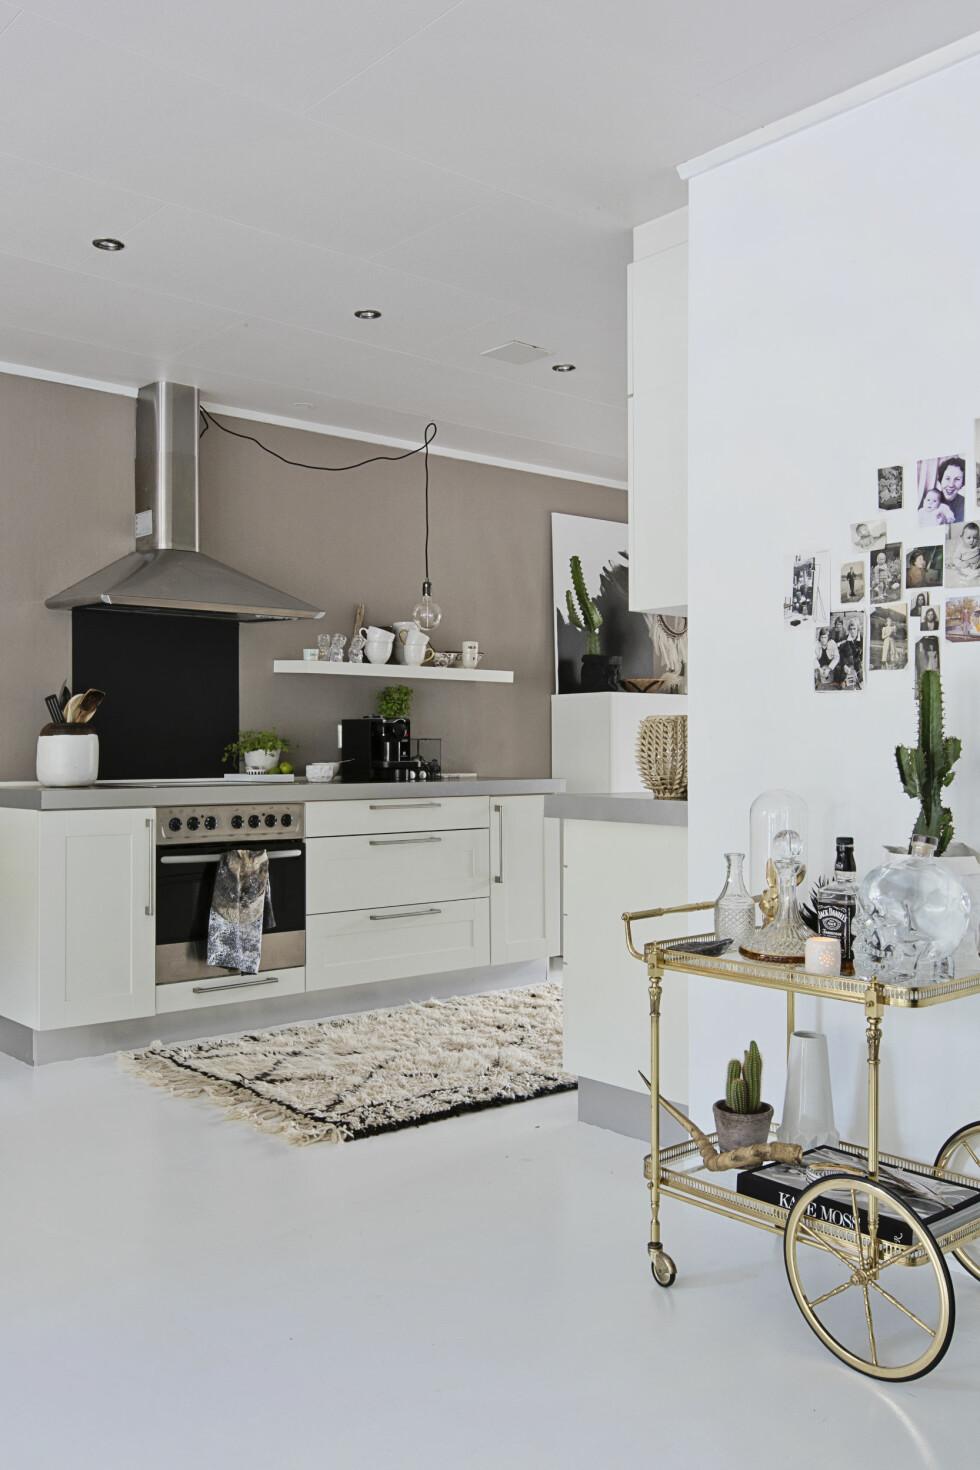 ÅPENT: Det er åpen løsning fra stuen til kjøkkenet. Bartrallen i stuen lager en fin overgang mellom avdelingene.  Foto: Jorunn Tharaldsen